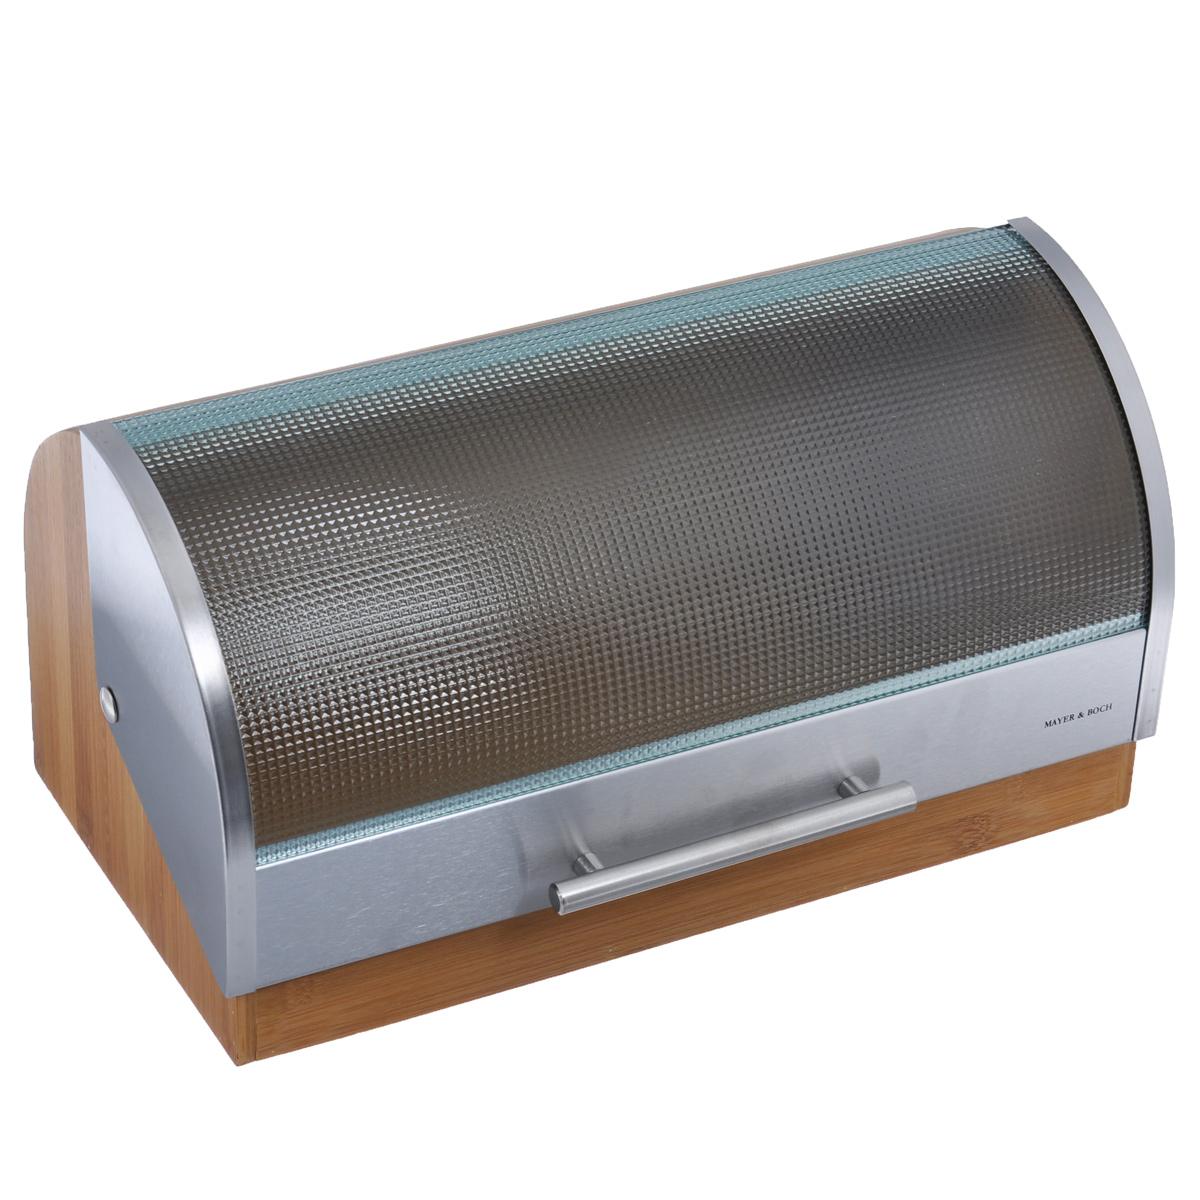 Хлебница Mayer & Boch, 39,5 х 24 х 21 см21395599Хлебница Mayer & Boch, выполненная в классическом дизайне, позволит сохранить ваш хлеб свежим и вкусным. Корпус хлебницы выполнен из натурального бамбука. Крышка, выполненная из стекла и нержавеющей стали плавно открывается и является герметичной. Крышка оснащена металлической ручкой. Эксклюзивный дизайн, эстетика и функциональность хлебницы делают ее превосходным аксессуаром на вашей кухне. Размер хлебницы: 39,5 см х 24 см х 21 см.